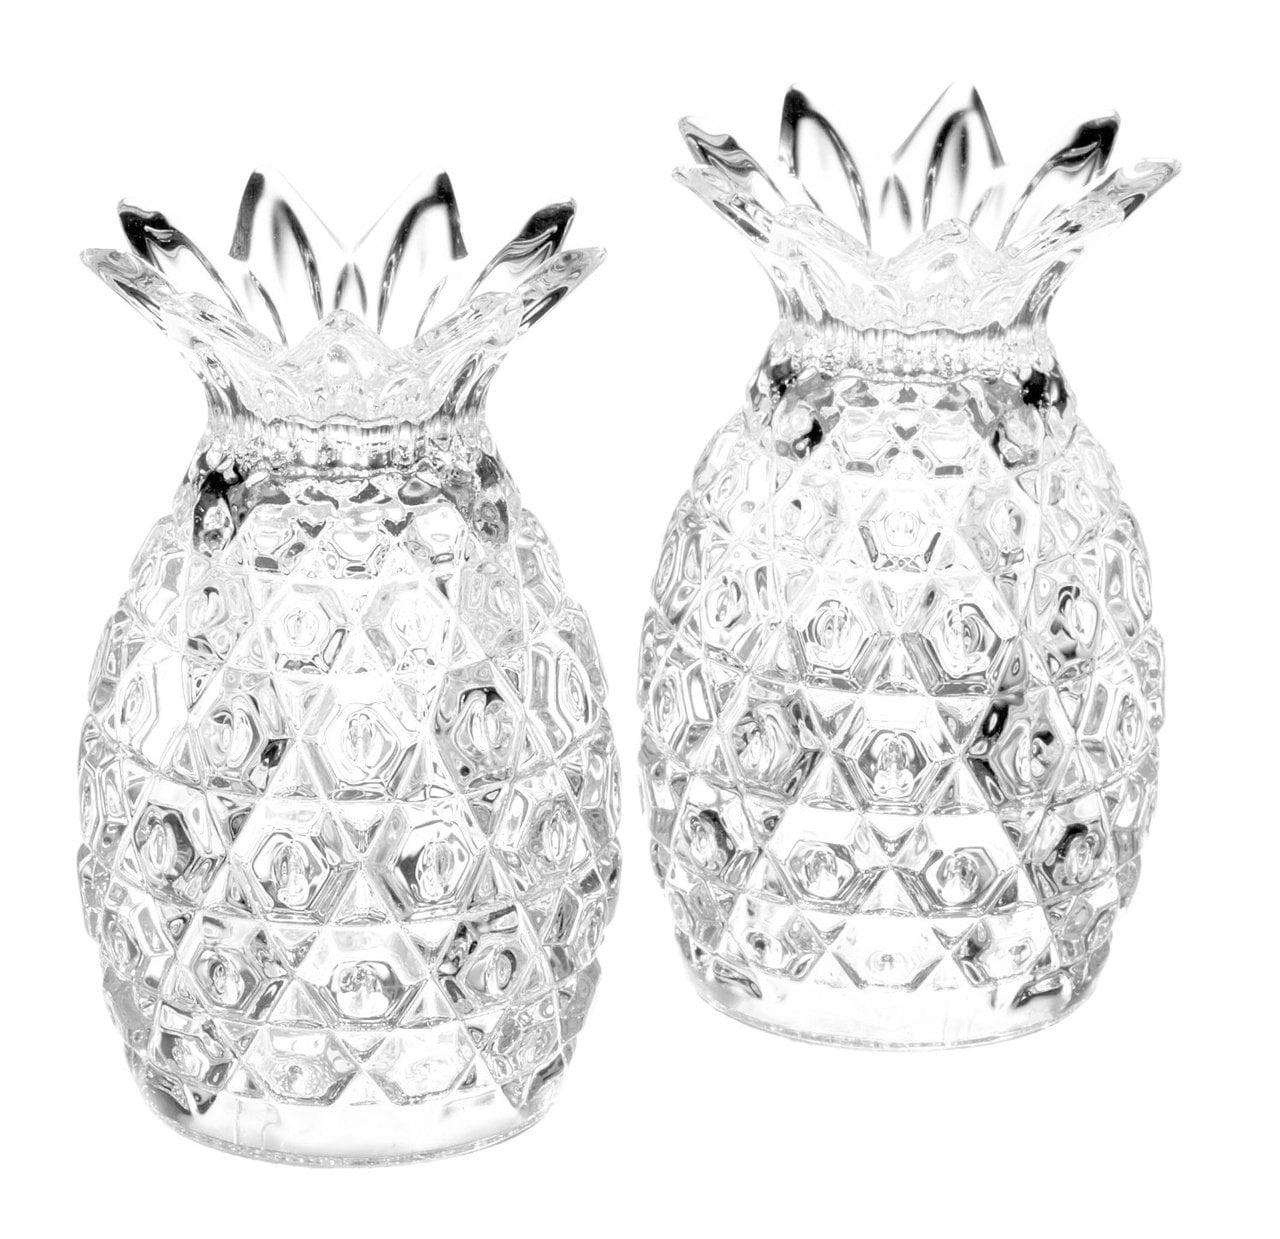 Click here to buy Godinger Silver Art Co 2 Piece Pineapple Salt & Pepper Shaker Set by Godinger.